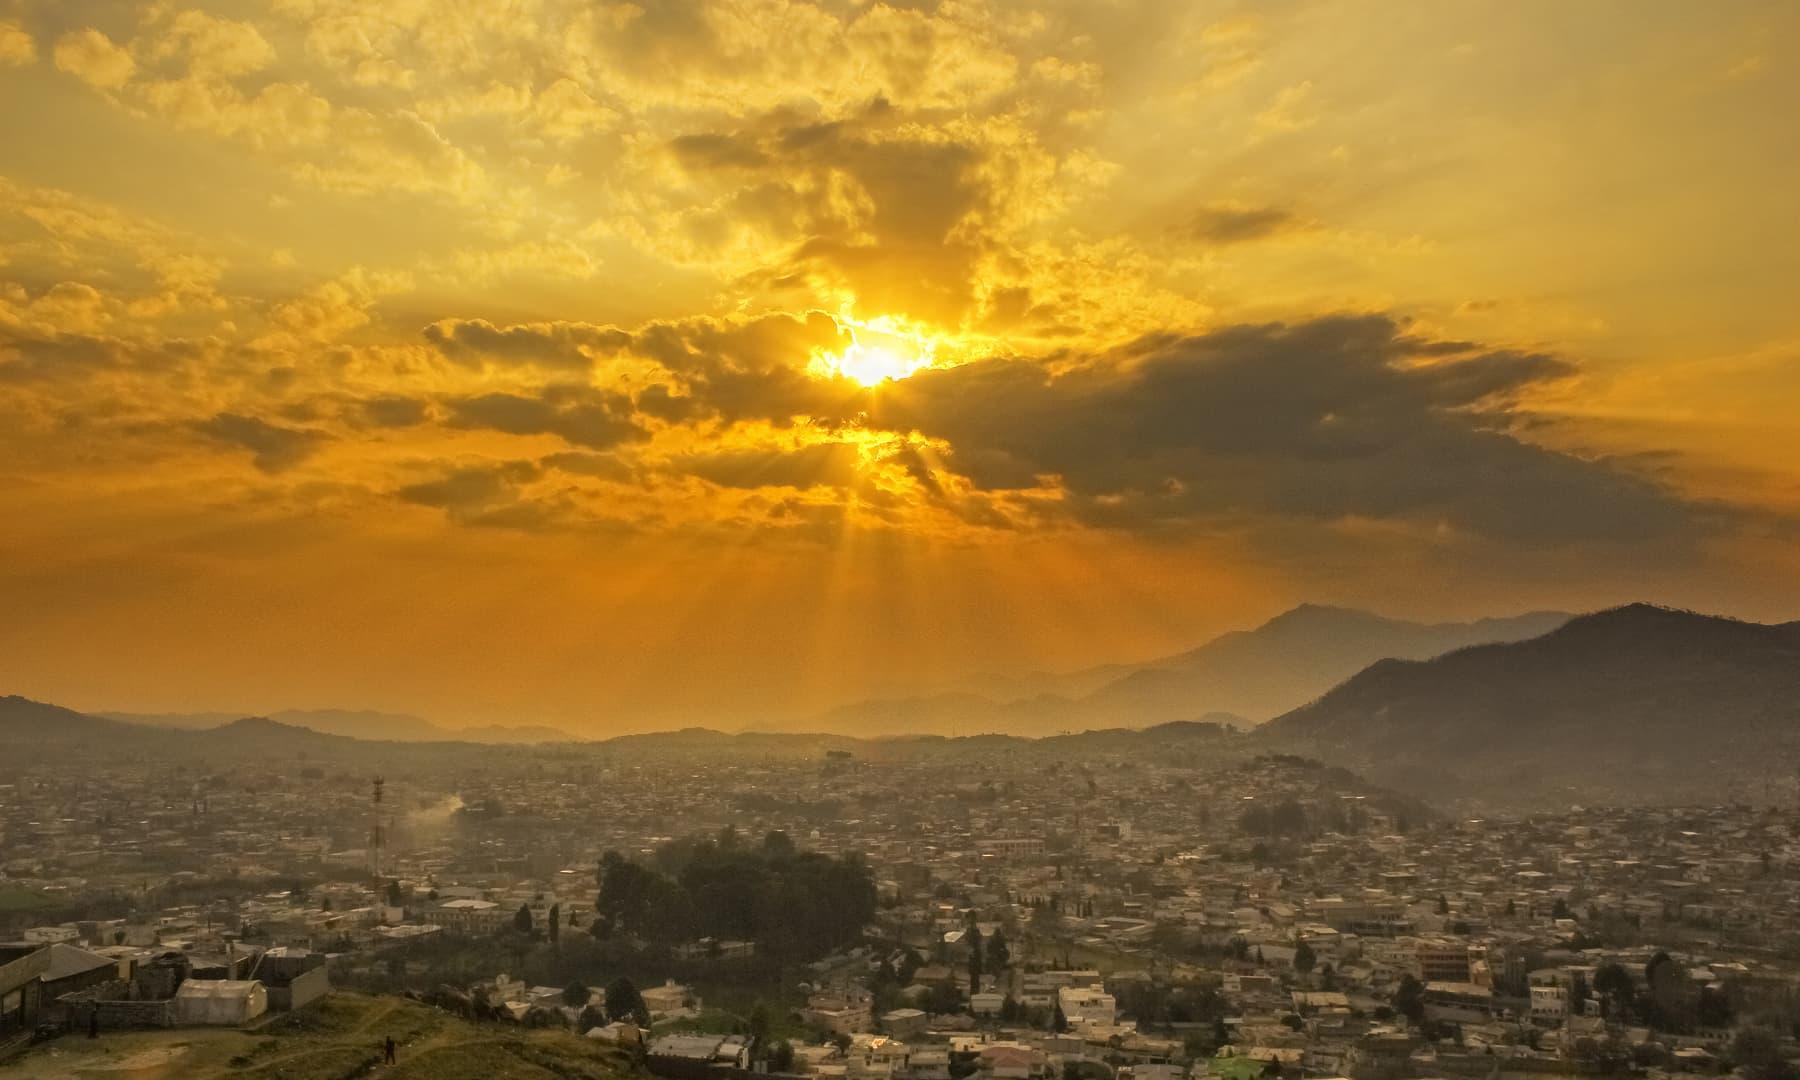 ایبٹ آباد کی صبح کا ایک منظر.— فوٹو سید مہدی بخاری